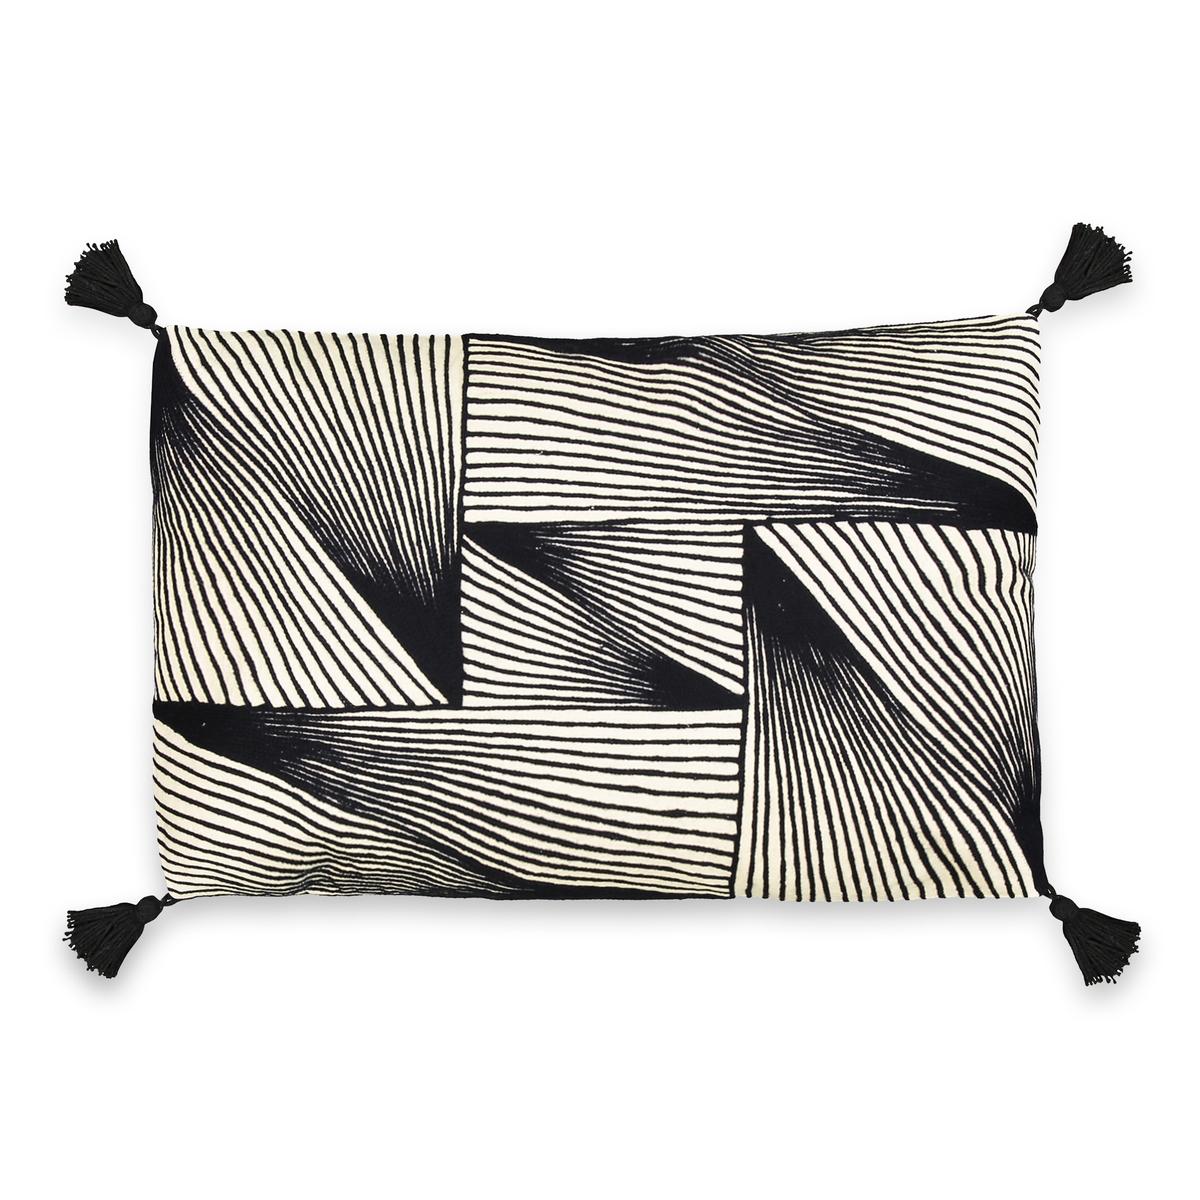 Чехол на подушку-валик, 100% хлопок, IncipitЧехол на подушку-валик Incipit. Контрастный рисунок в виде вышитых линий. 100% хлопок. Застежка на скрытую молнию сзади. Размеры 60 x 40 см. Подушка-валик продается отдельно на нашем сайте.<br><br>Цвет: экрю/черный